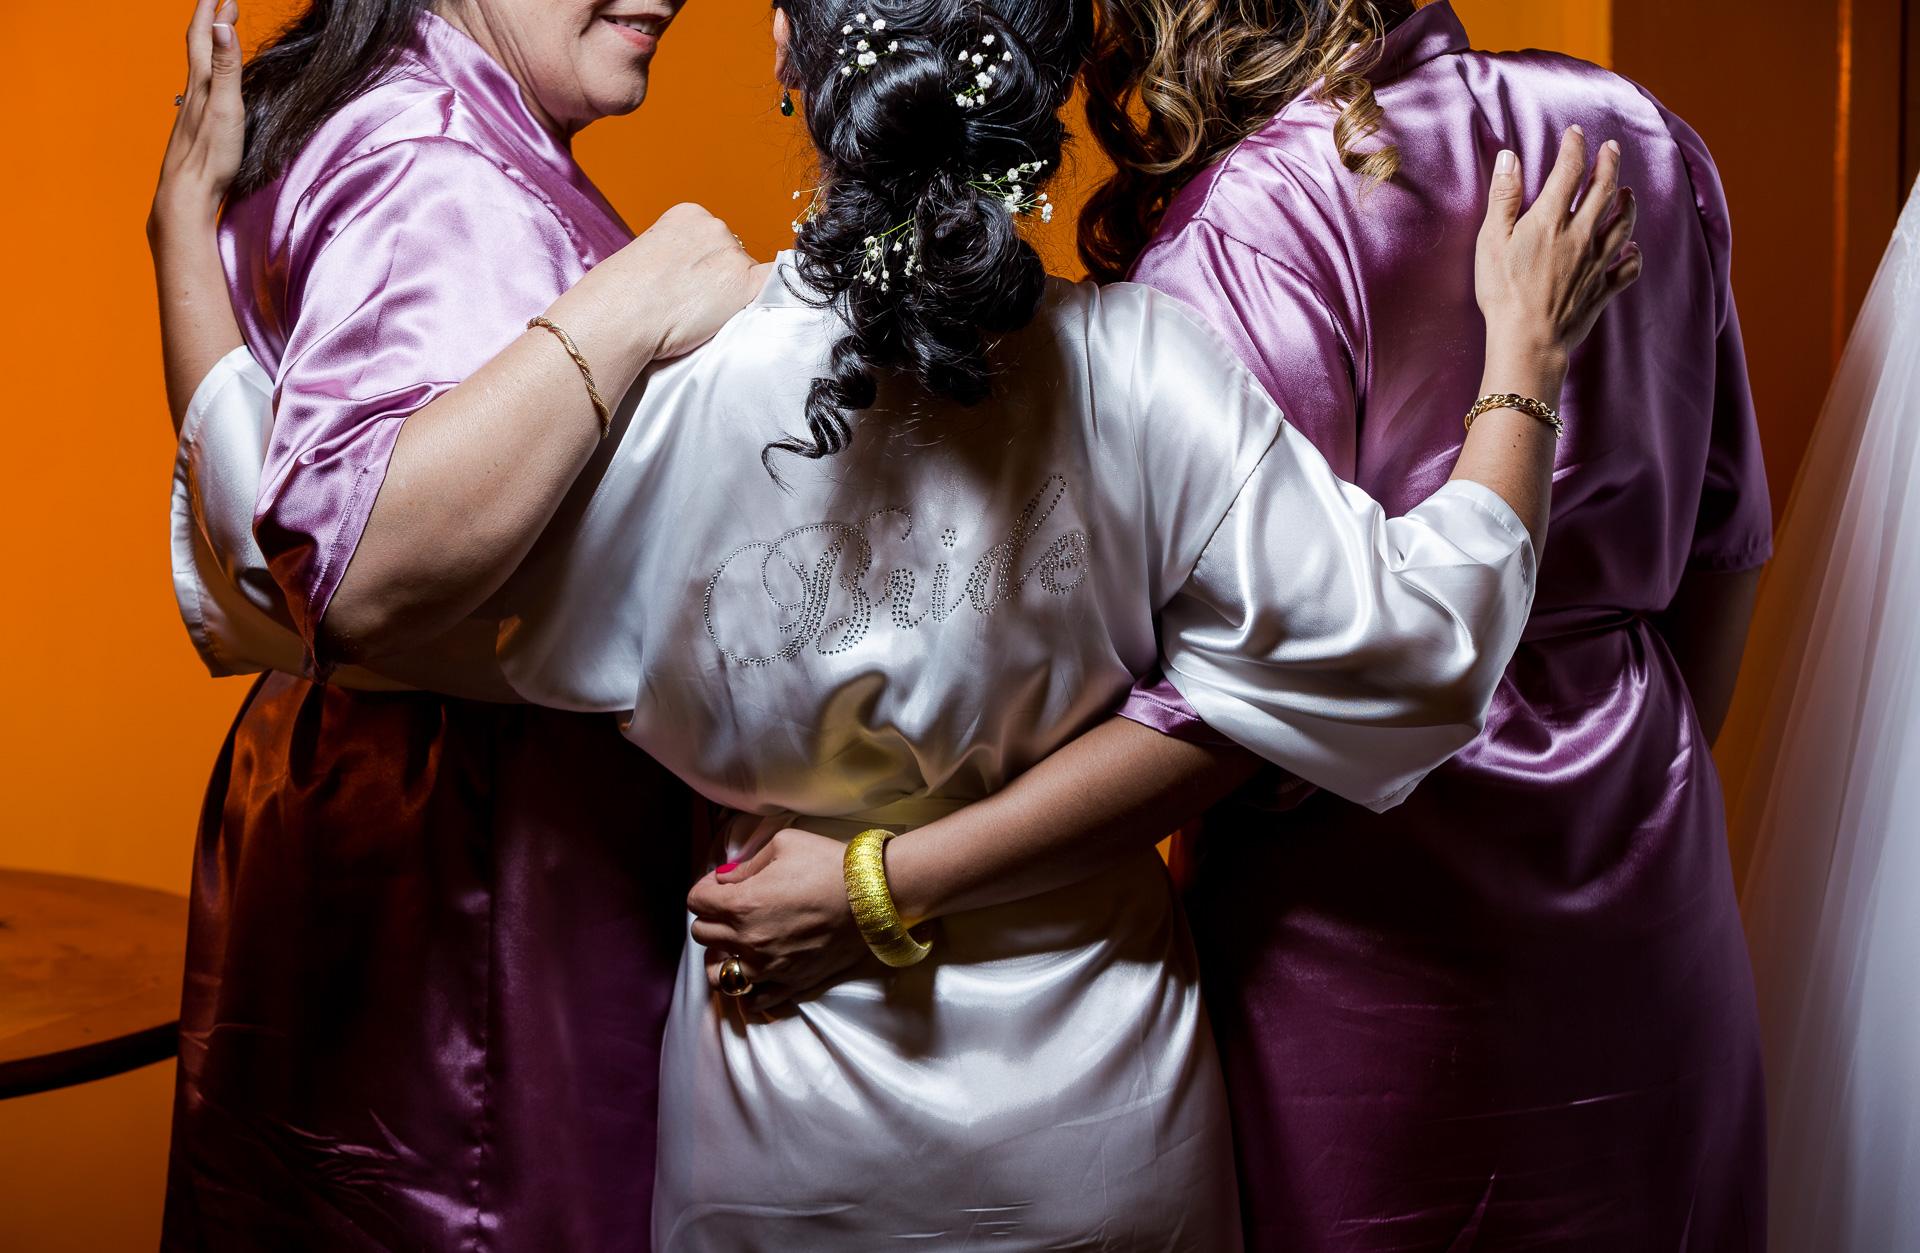 Fotógrafos-de-bodas-en-Colombia-Angela-y-Antonio-18 ANGELA Y ANTONIO